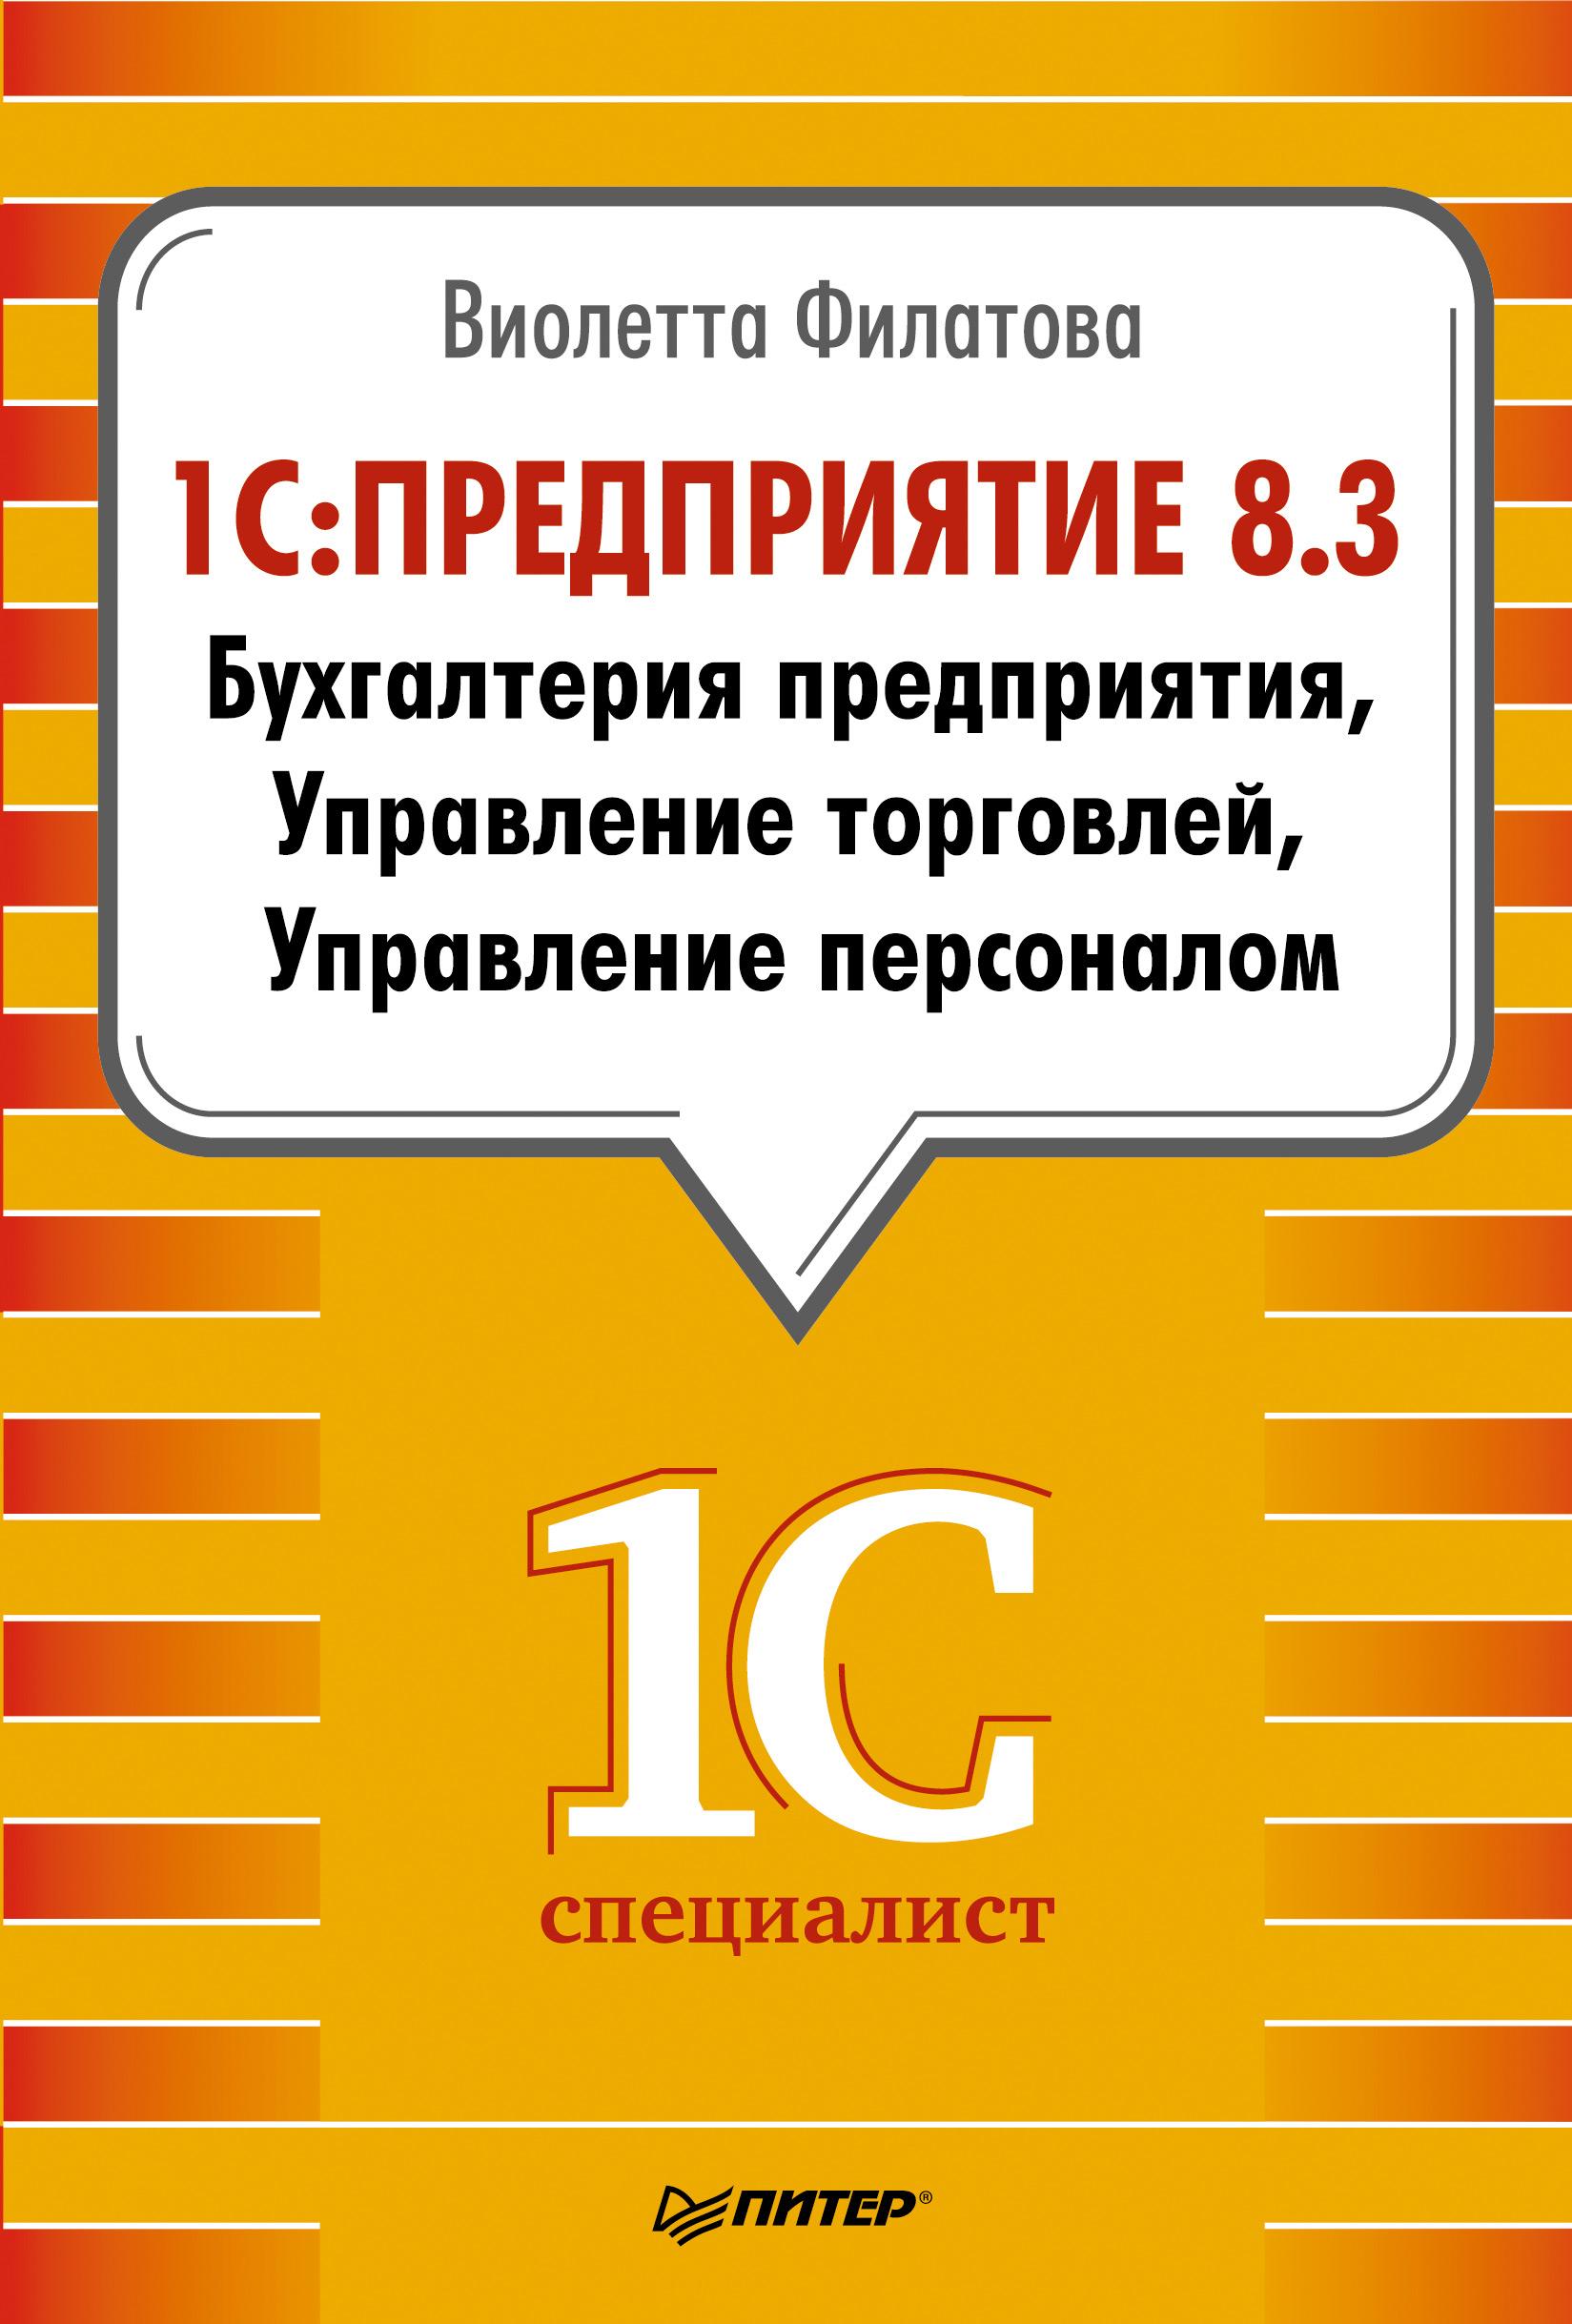 1С:Предприятие 8.3. Бухгалтерия предприятия. Управление торговлей. Управление персоналом